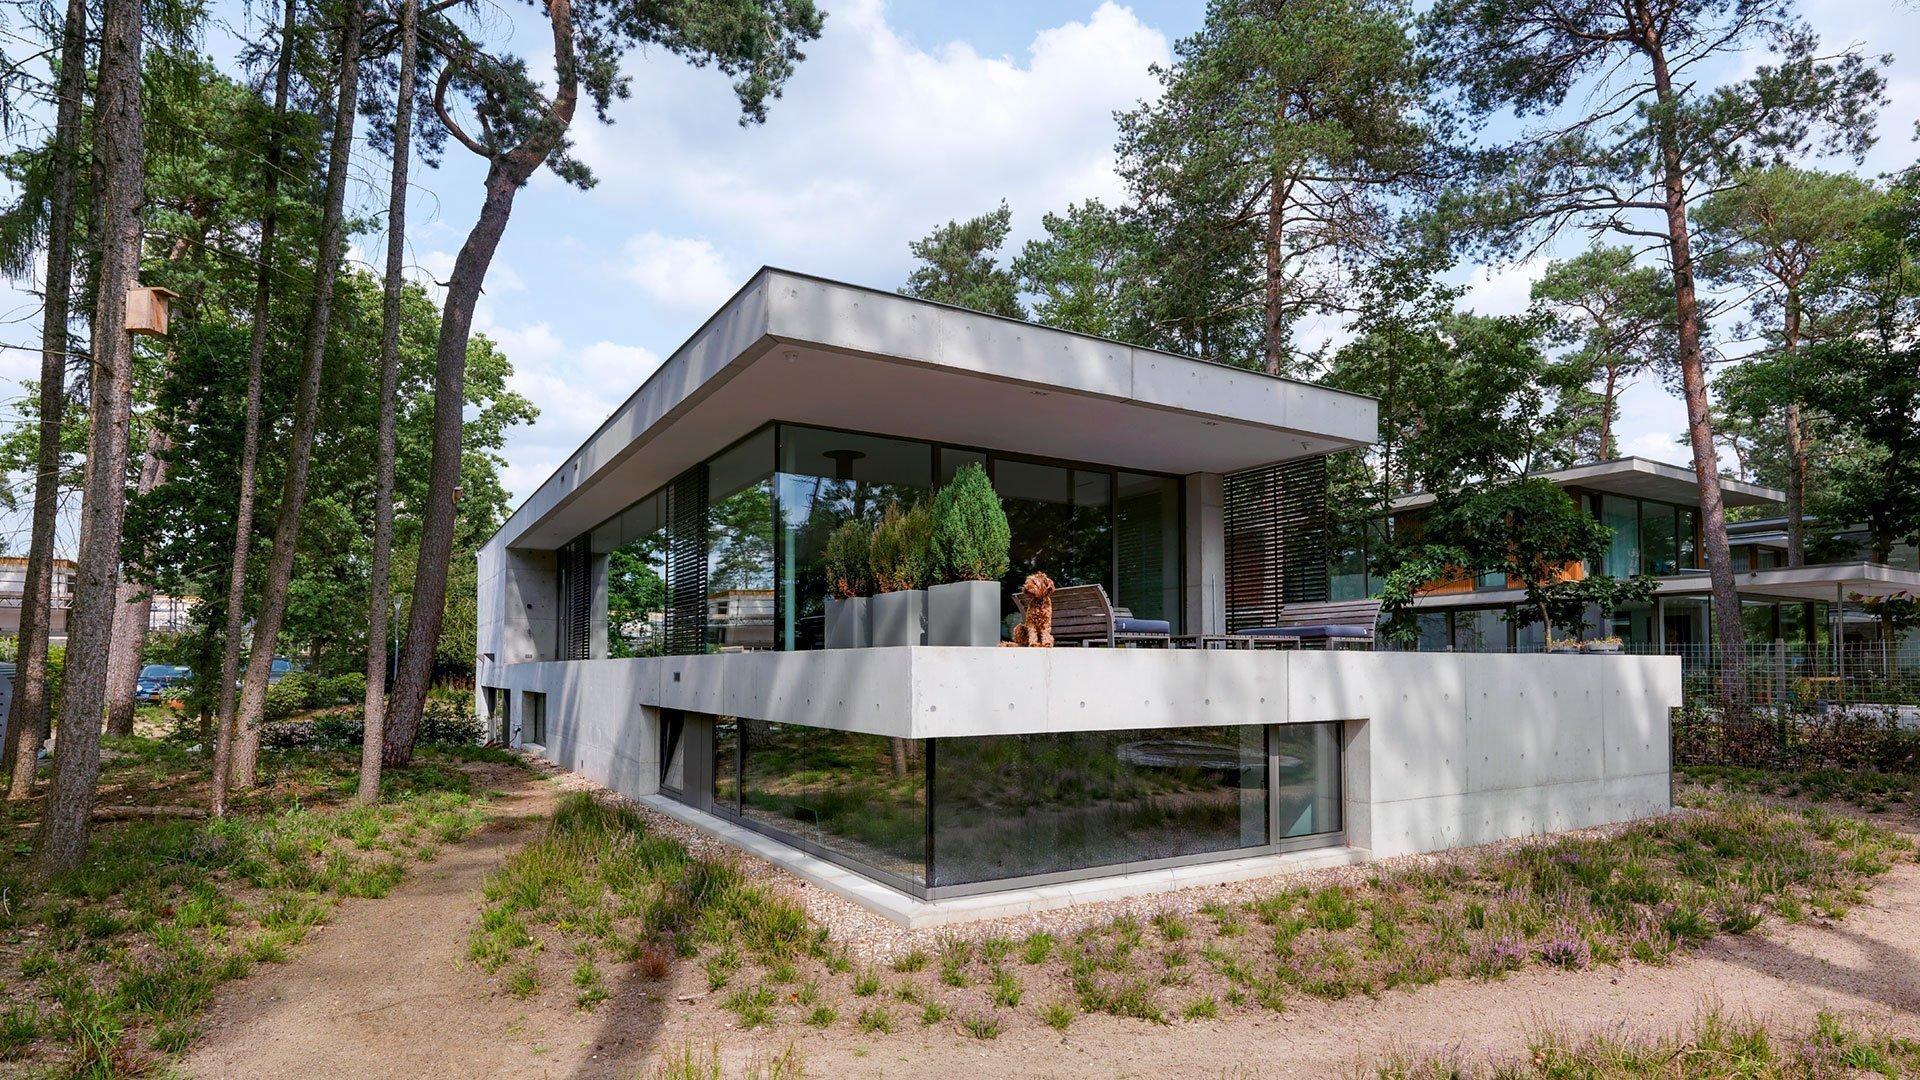 Beton v exteriéru, ale i v interiéru. Umíte si to představit? Přesně takto vypadá dům, který stojí v zalesněné rezidenční čtvrti na okraji národního parku Utrechtse Heuvelrug. Jak se architekti poprali s tím, aby dům z betonu nevypadal chladně, ale naopak – bydlení v něm bylo příjemné?